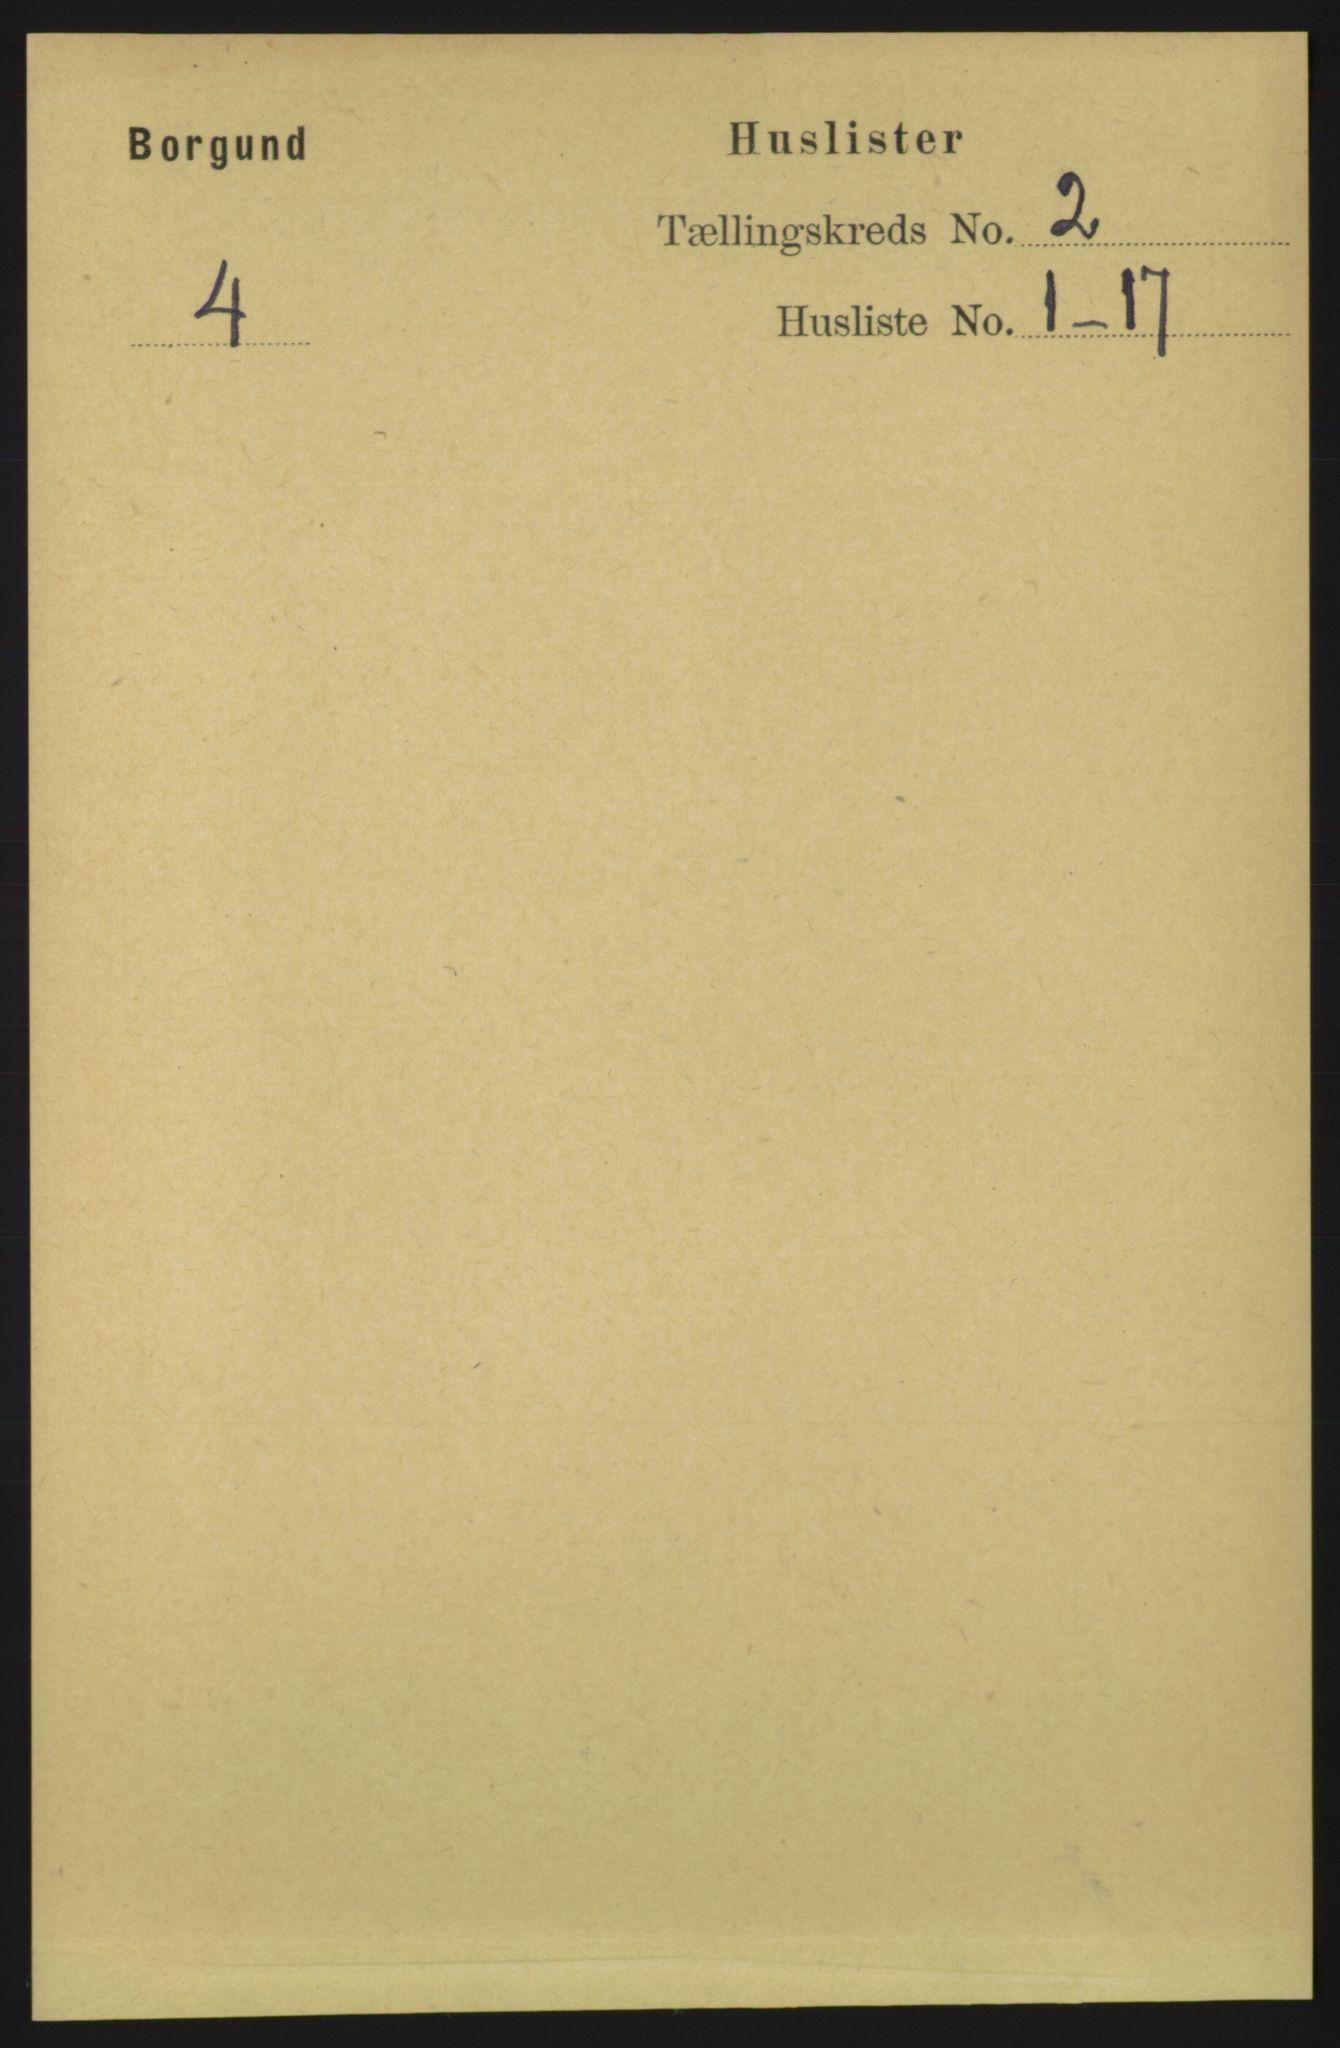 RA, Folketelling 1891 for 1531 Borgund herred, 1891, s. 431